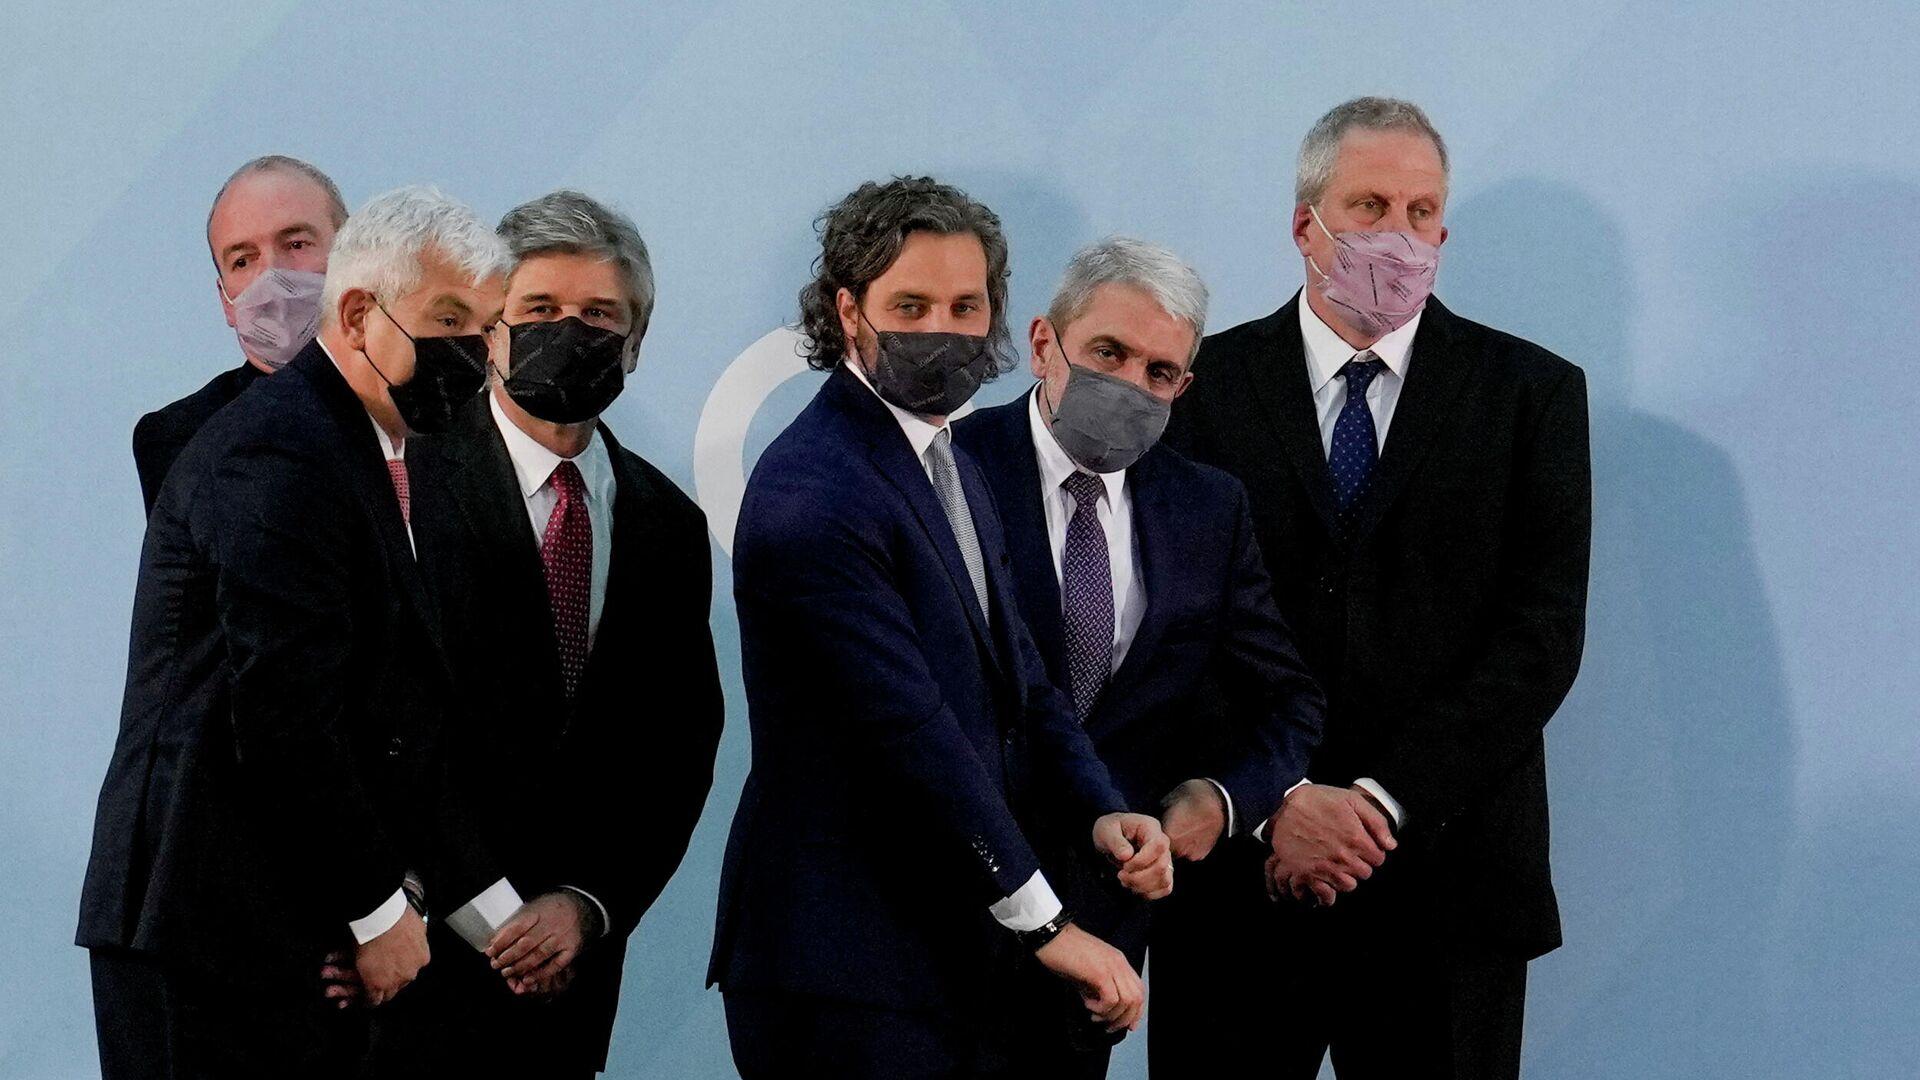 Los nuevos ministros de Argentina - Sputnik Mundo, 1920, 20.09.2021